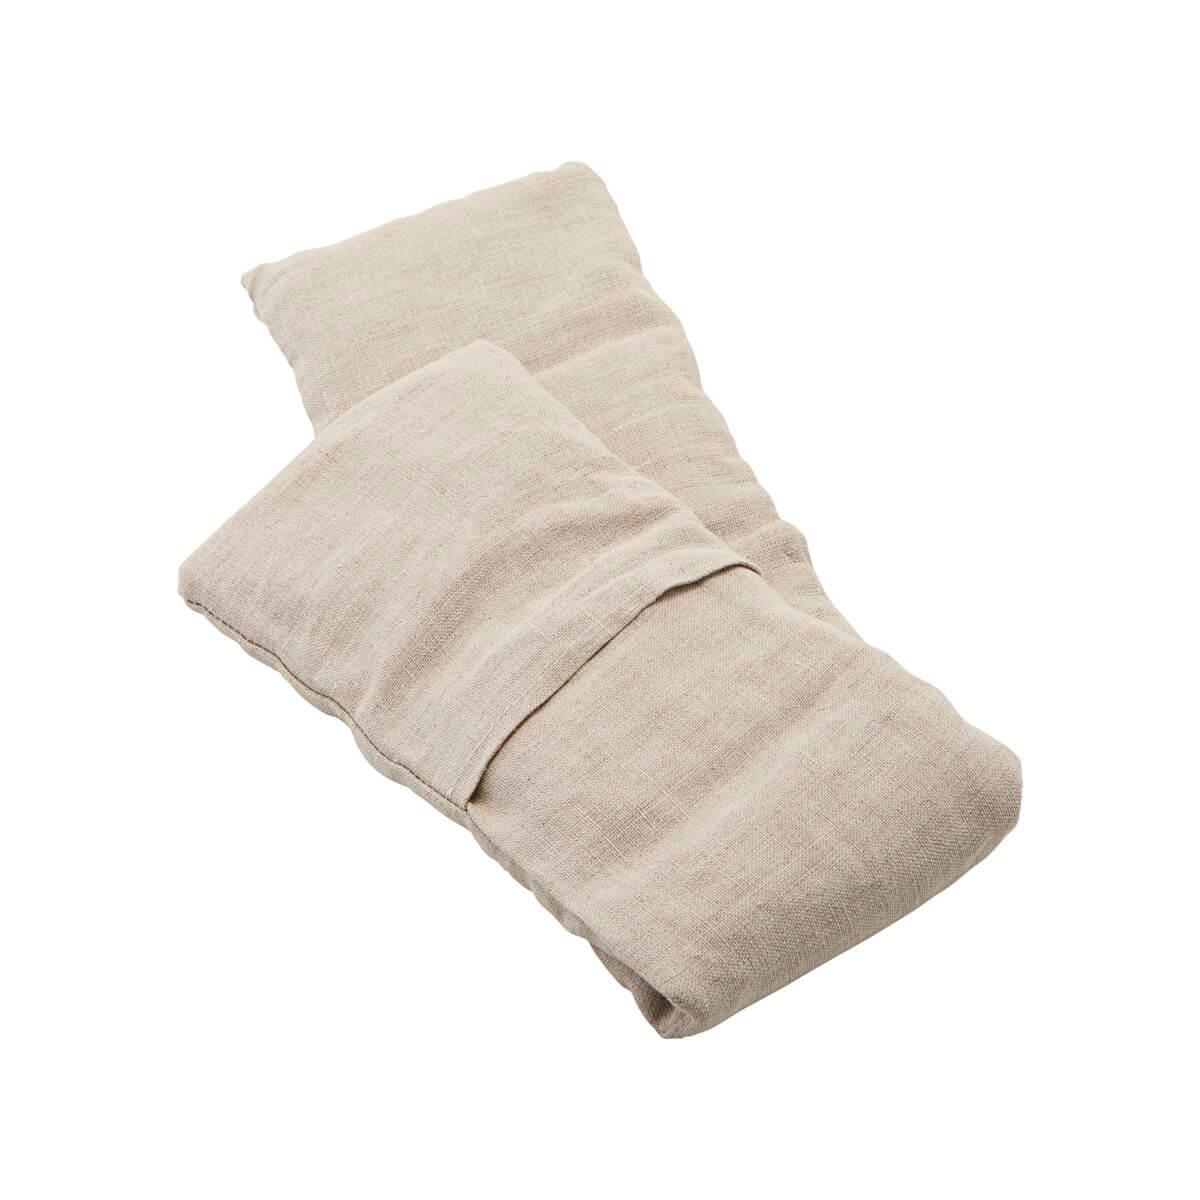 Image of   Meraki Terapi pude, Beige, l: 65 cm, b: 15 cm